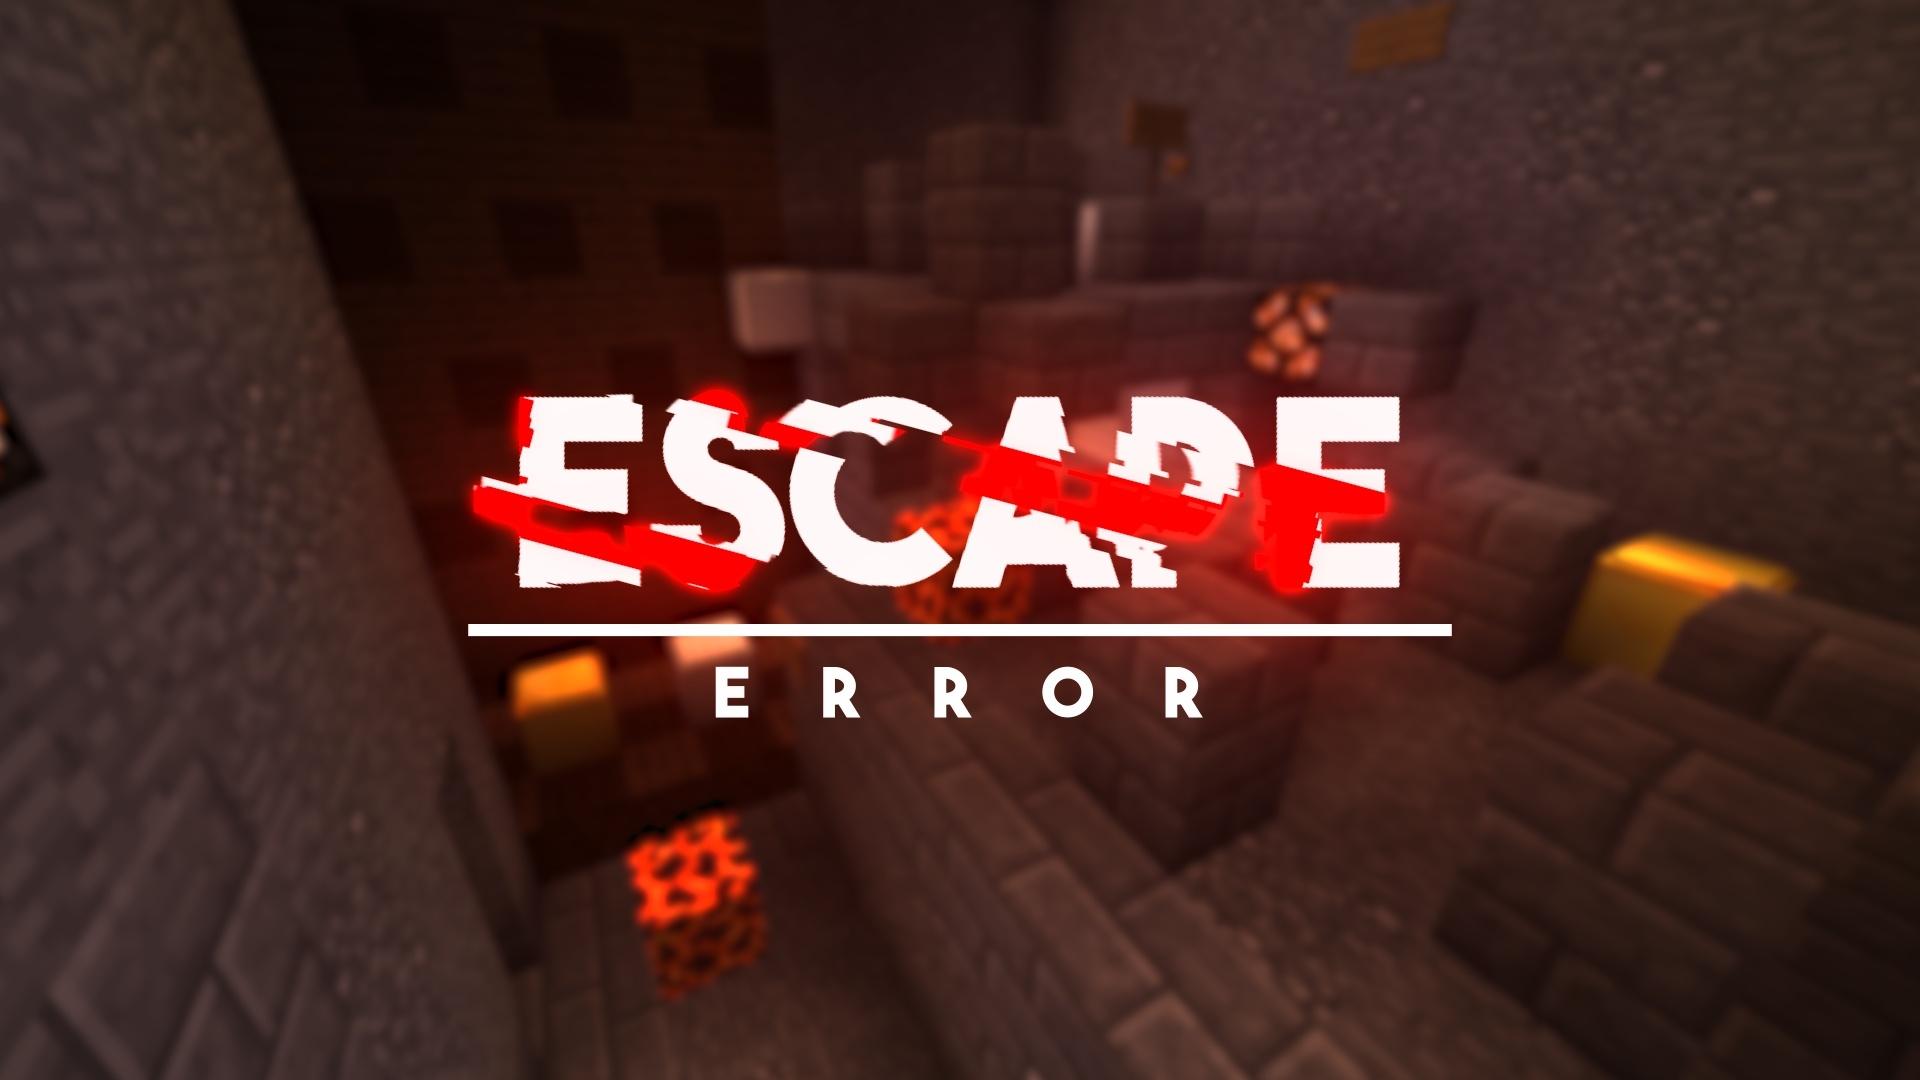 Escape: Error